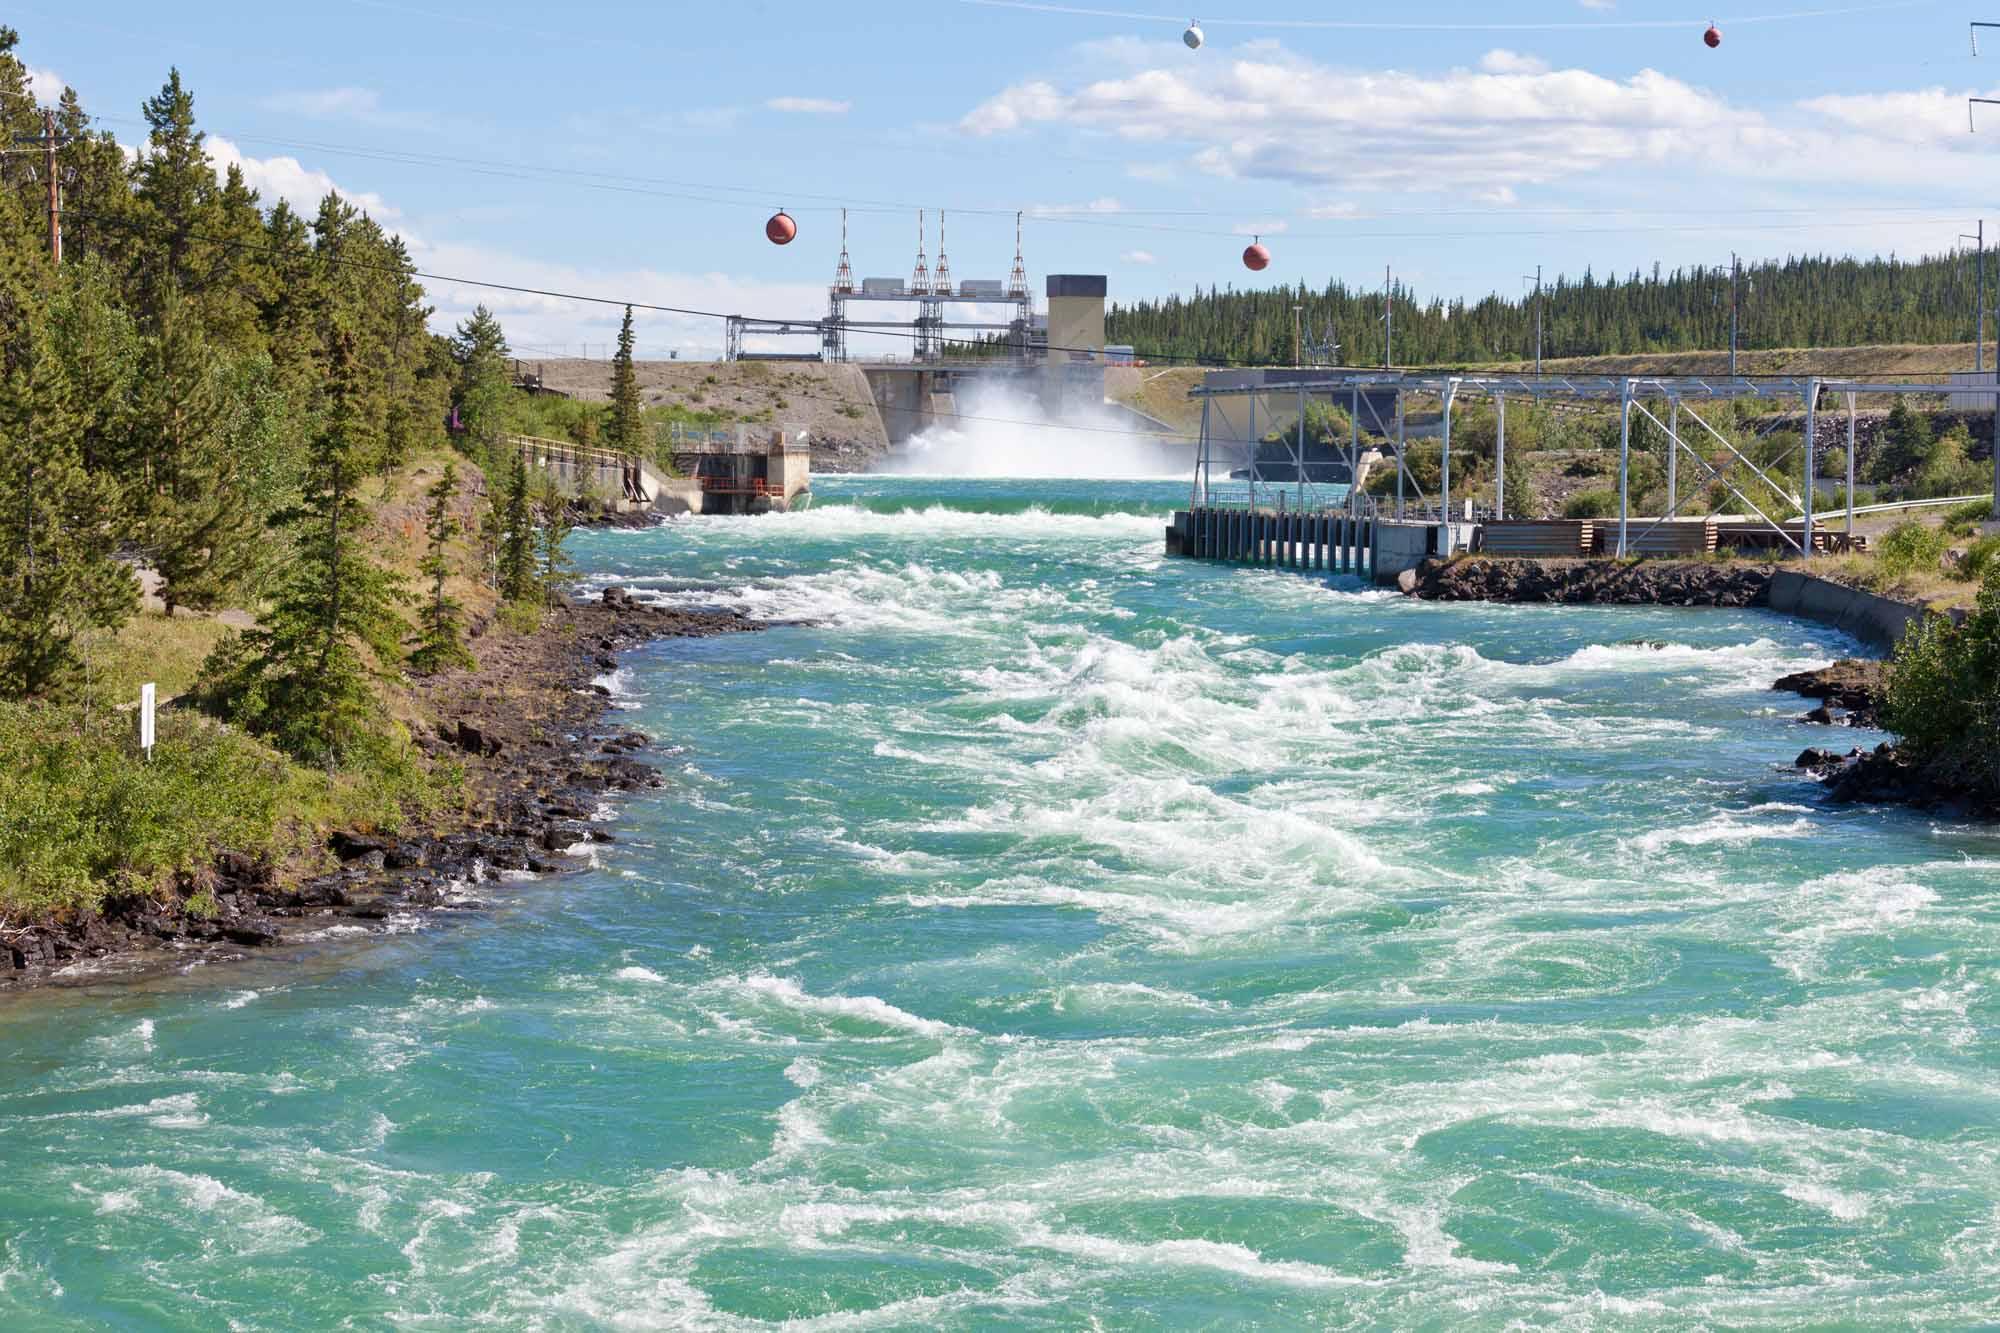 Whitehorse Hydro Power Dam Spillway